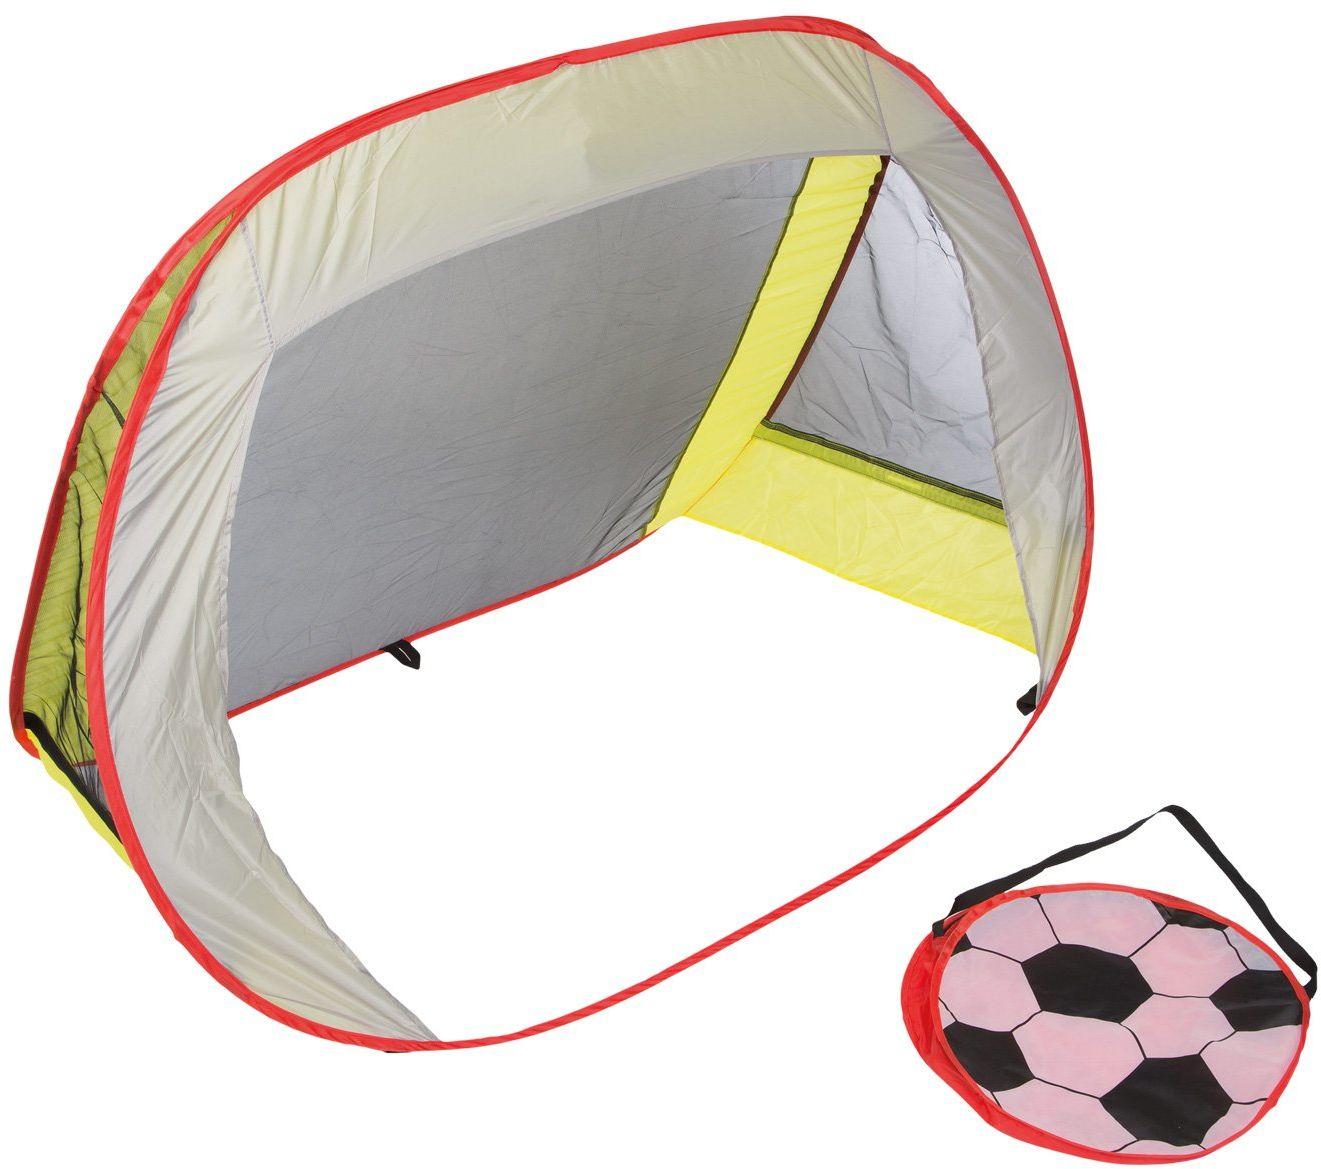 Idena 40463  bramka do piłki nożnej Pop Up z torbą do noszenia, łatwy transport, ok. 1,3 x 0,96 x 0,8 cm, idealna do ogrodu, na boisku lub do parku